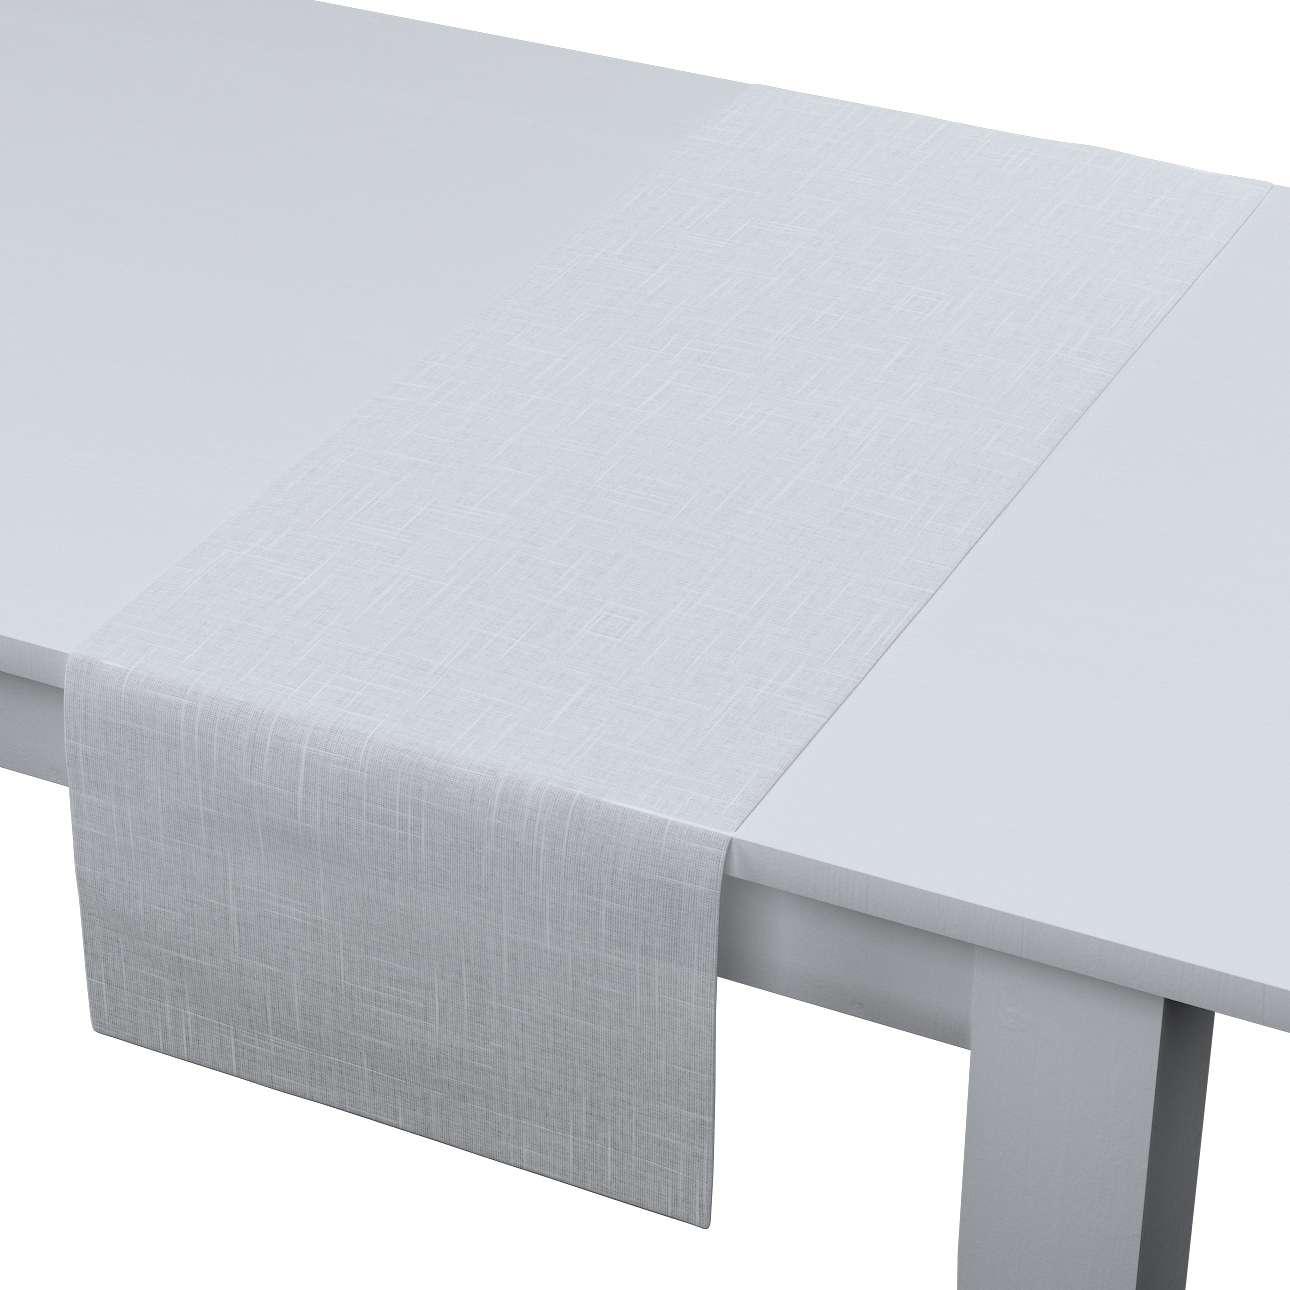 Rechteckiger Tischläufer 40 x 130 cm von der Kollektion Romantica, Stoff: 128-77